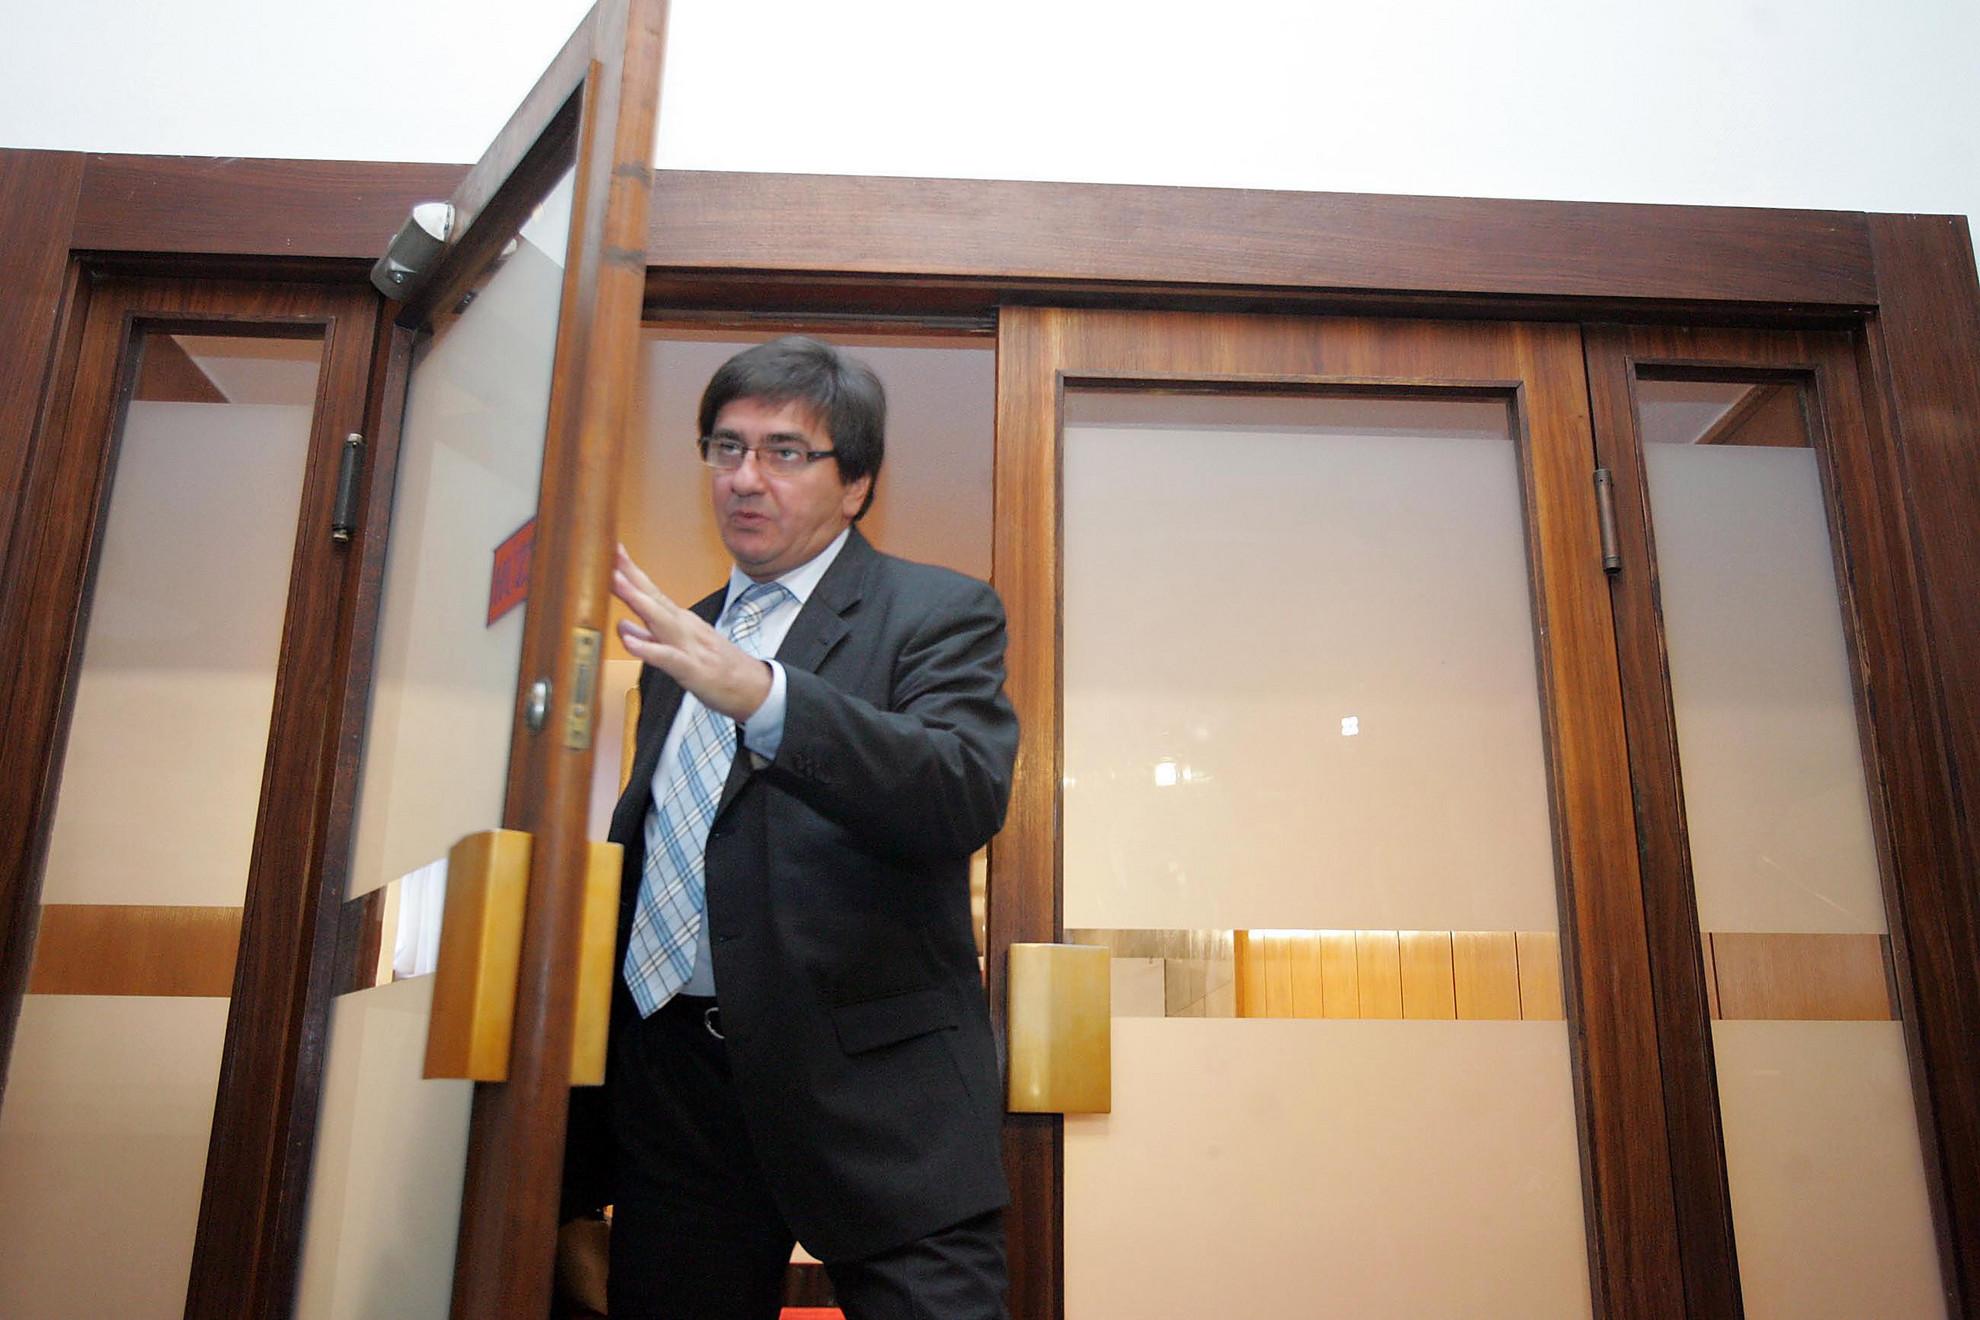 Veres János távozik a képviselői irodaház tárgyalóterméből 2011-ben